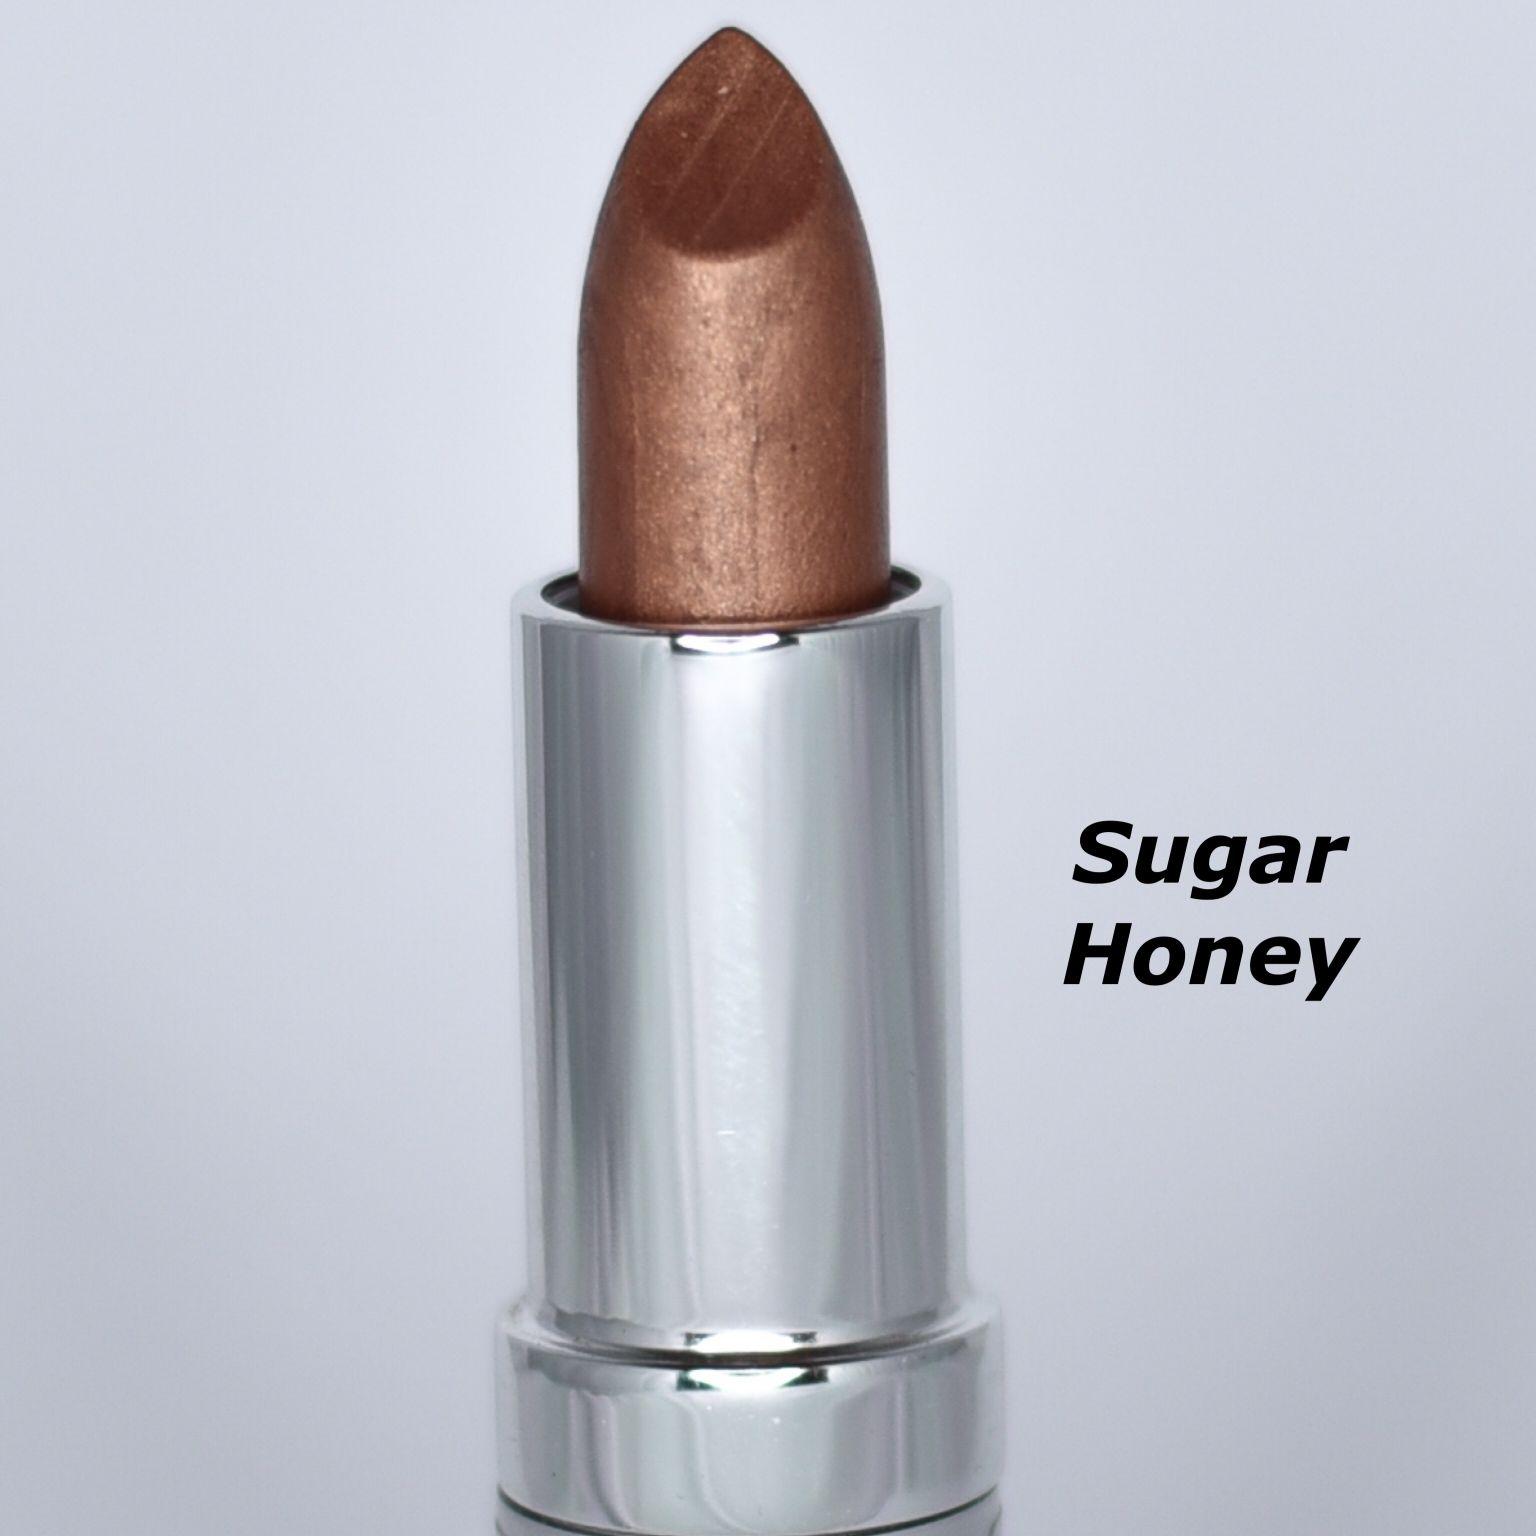 sugar honey goldy lippy